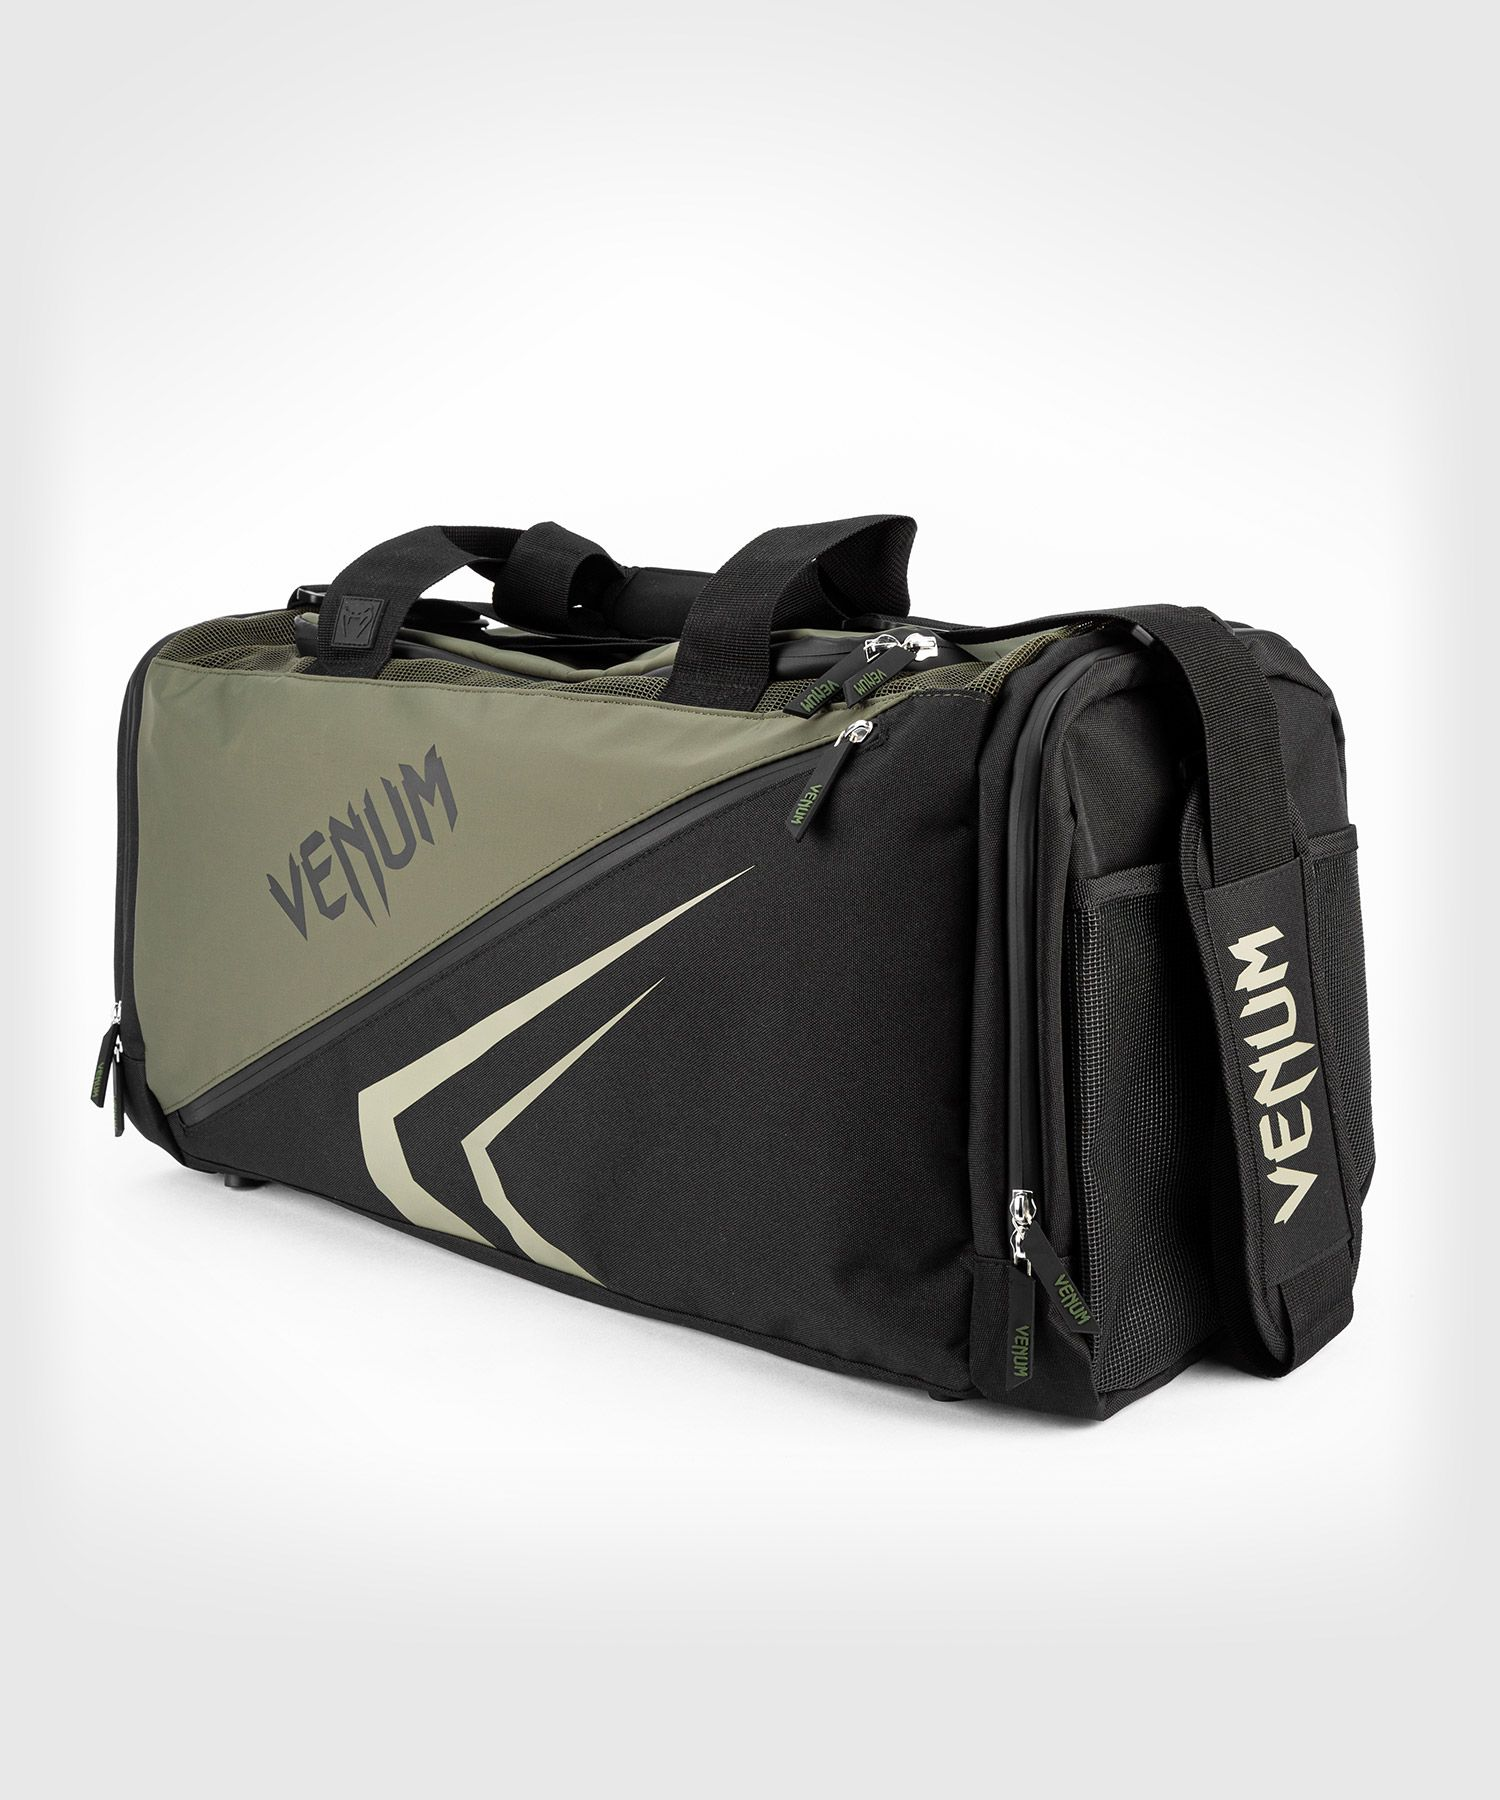 Спортивная сумка Venum Trainer Lite Evo - Хаки/Черный